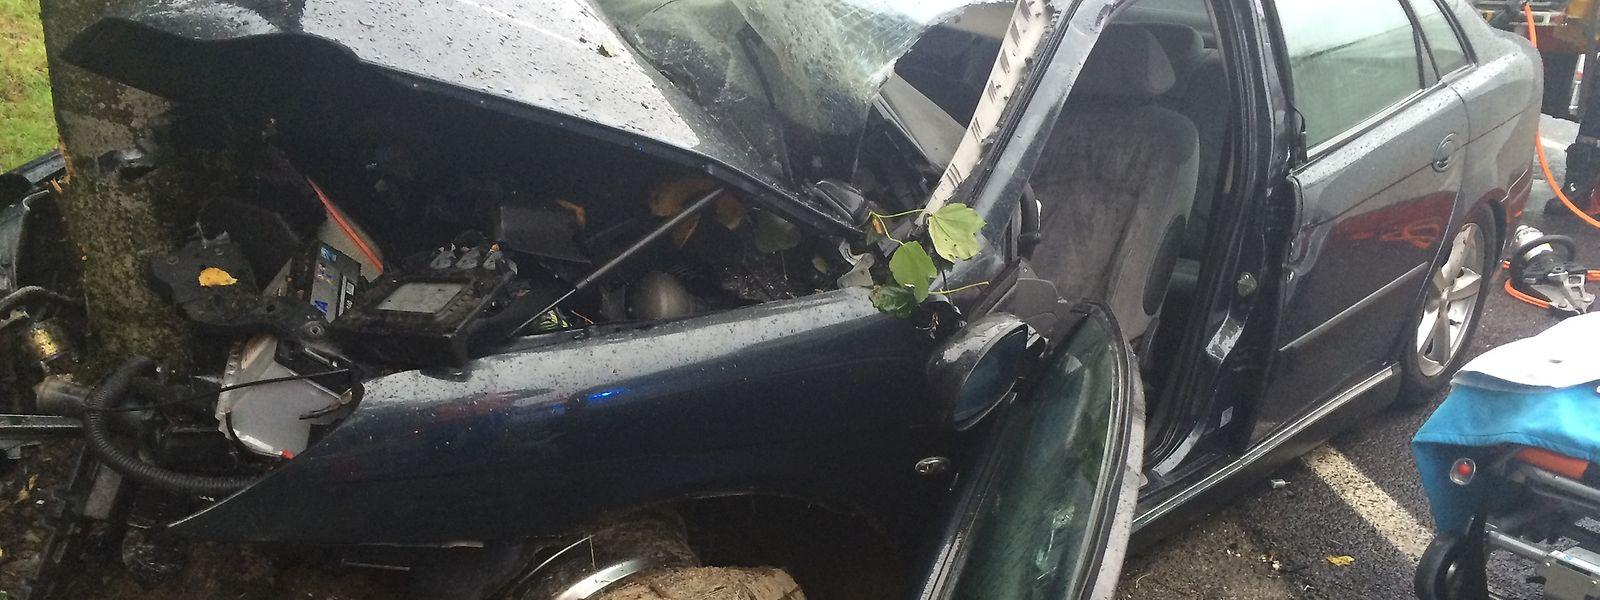 Das Auto wurde bei der Kollision total zerstört.